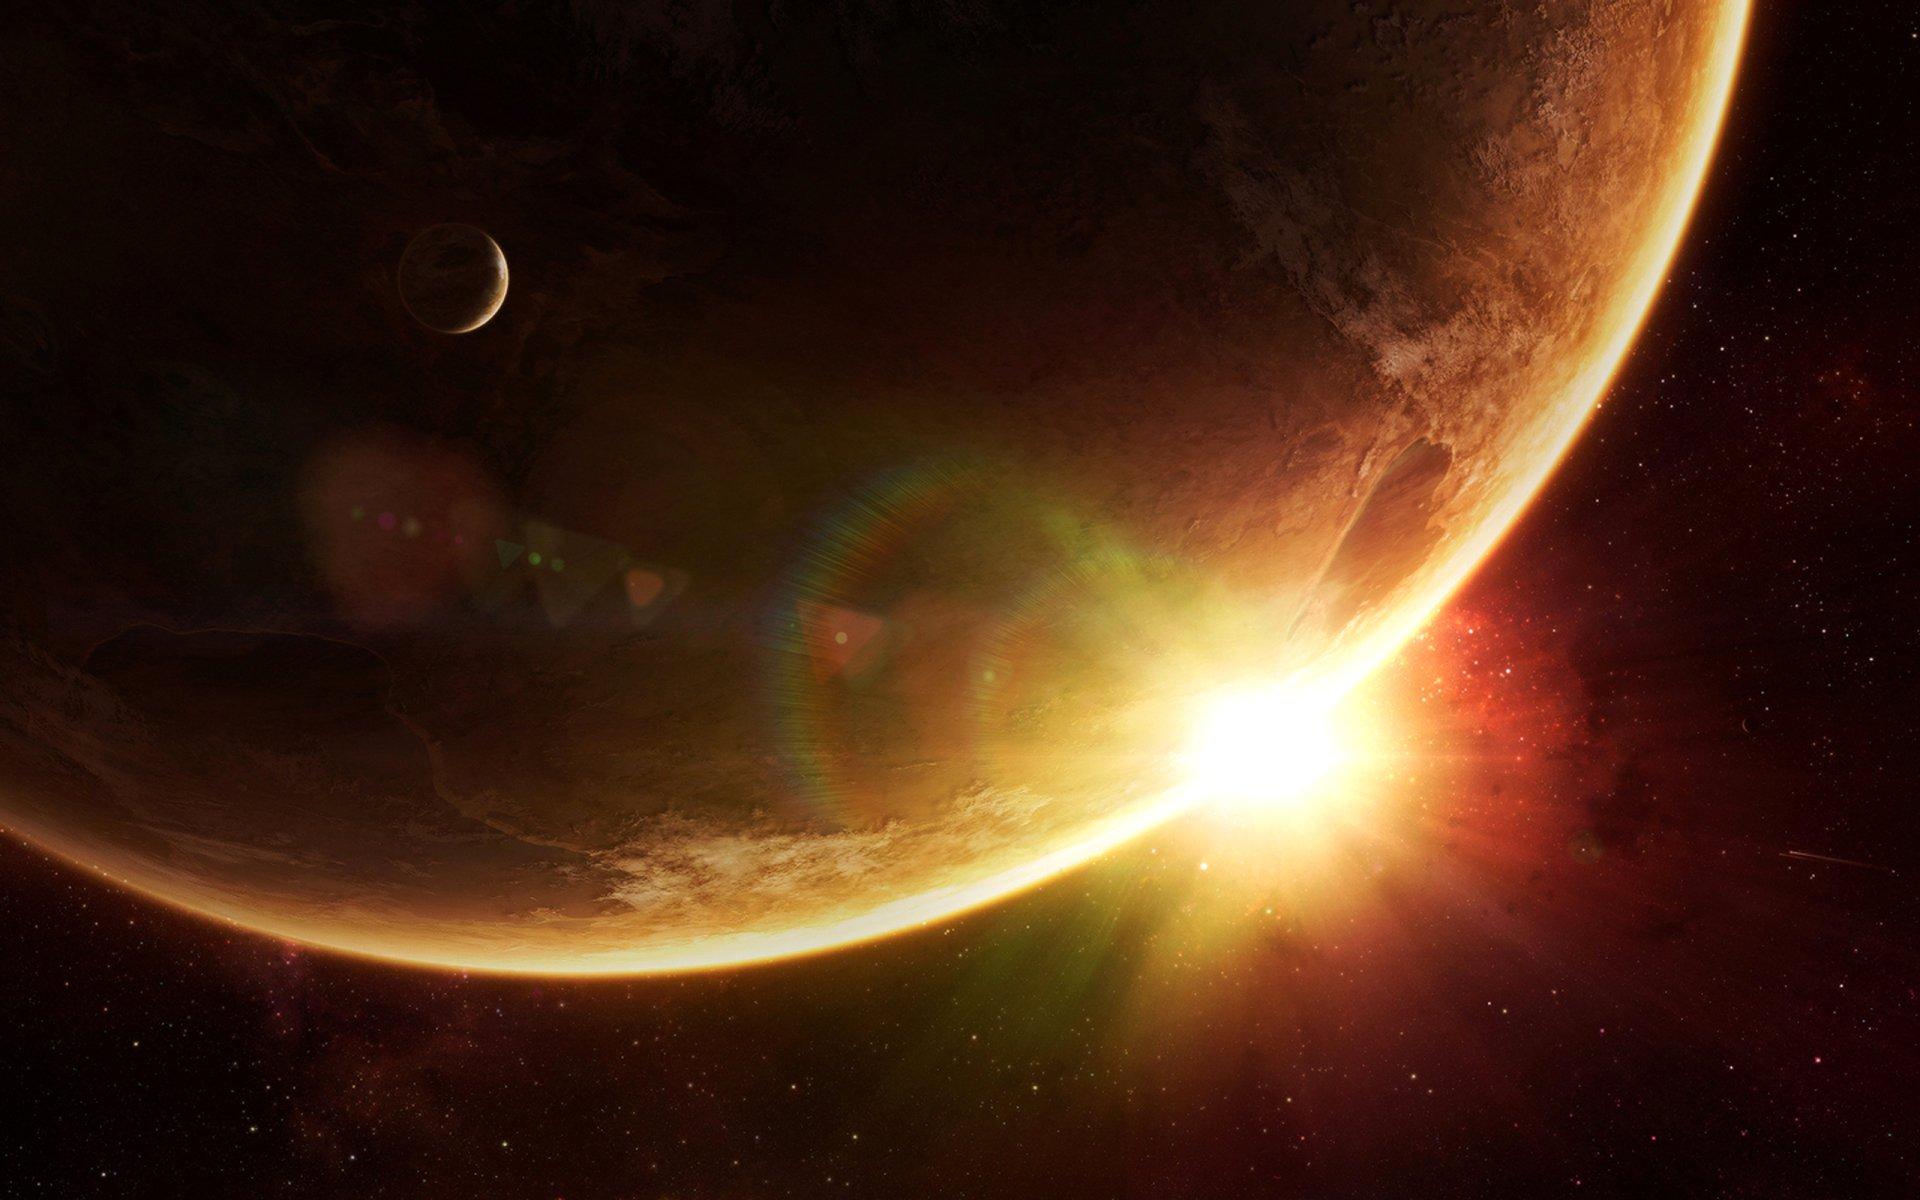 Ciencia ficción - Amanecer  Planeta Espacio Fondo de Pantalla